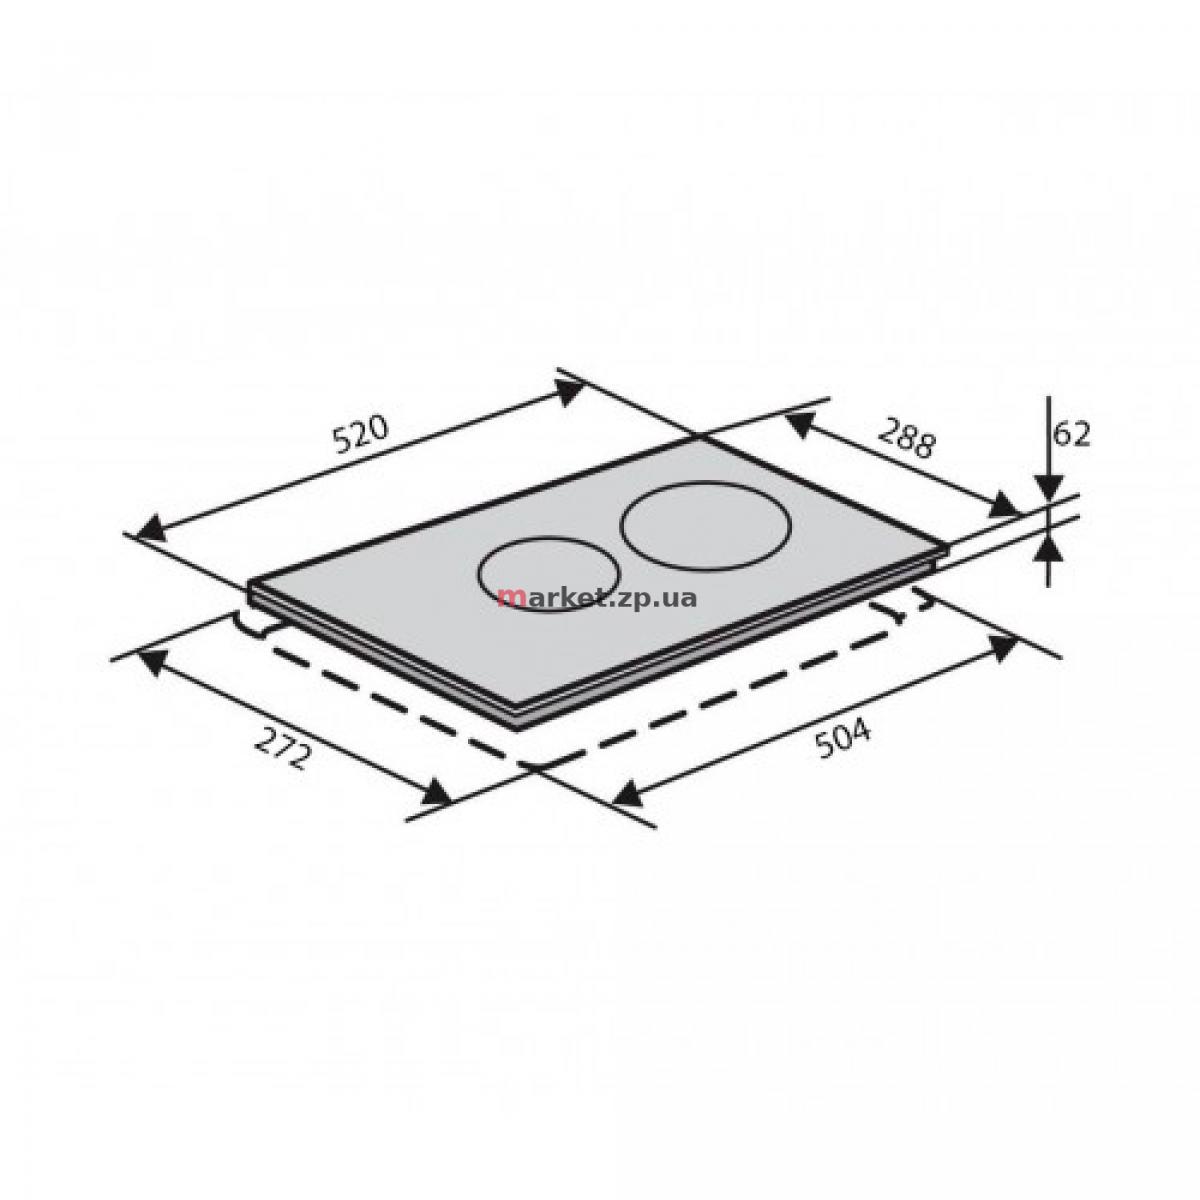 Варочная поверхность индукционная VENTOLUX VI 32 TC